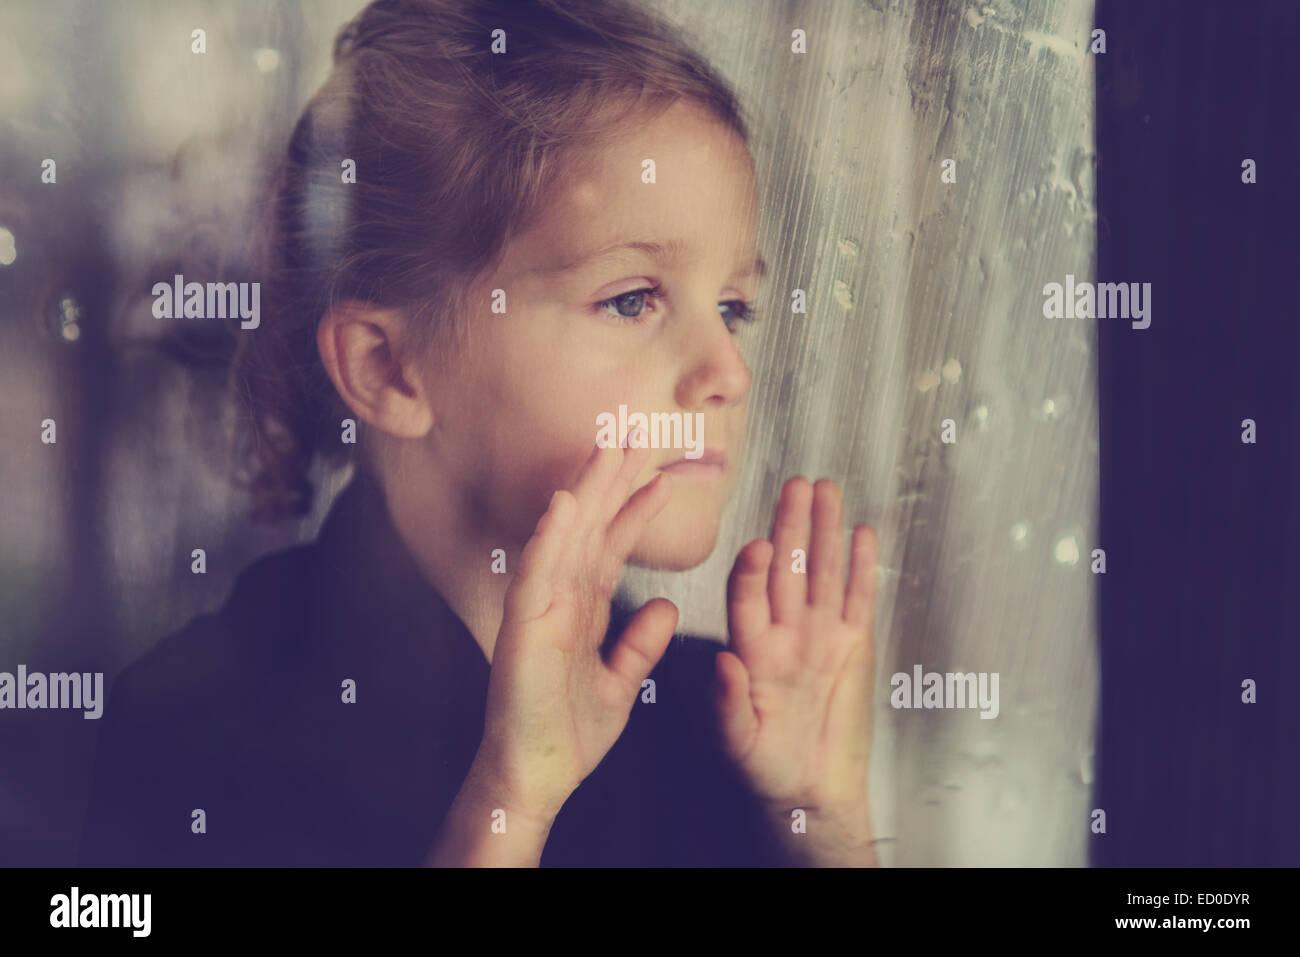 Girl (4-5) grâce à la fenêtre humide Photo Stock